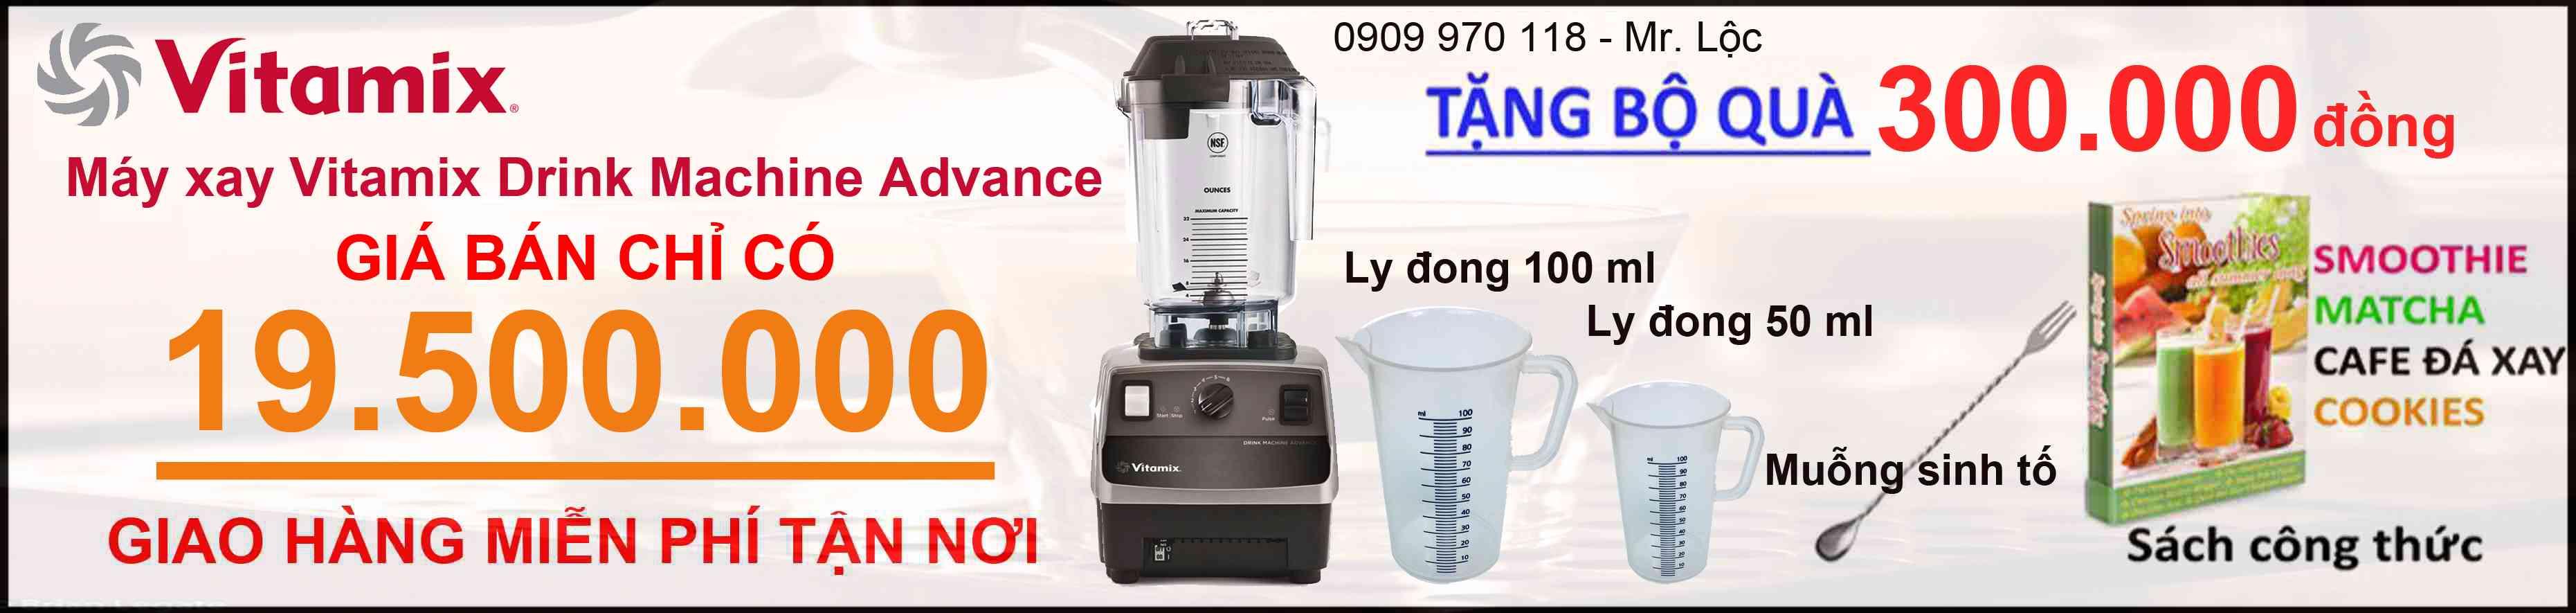 km-tang-may-xay-vitamix-c